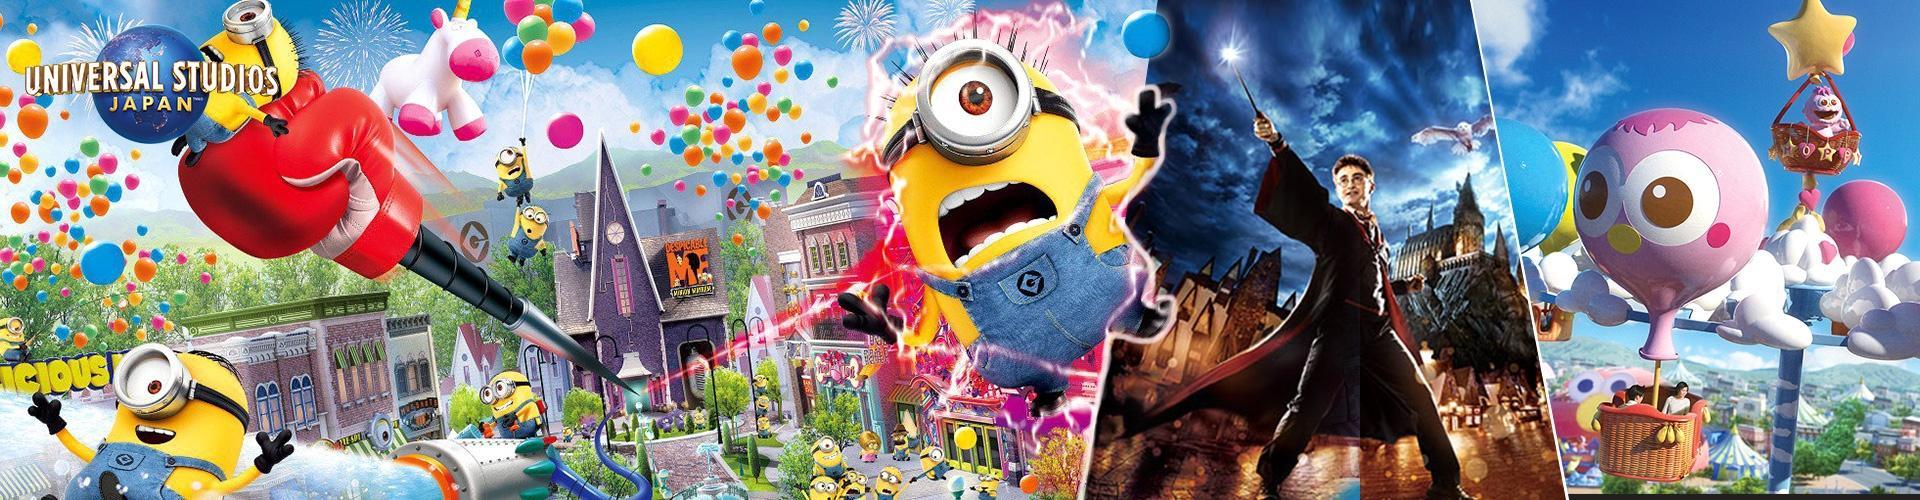 日本大阪環球影城™ Universal Studios Japan™ Ticket